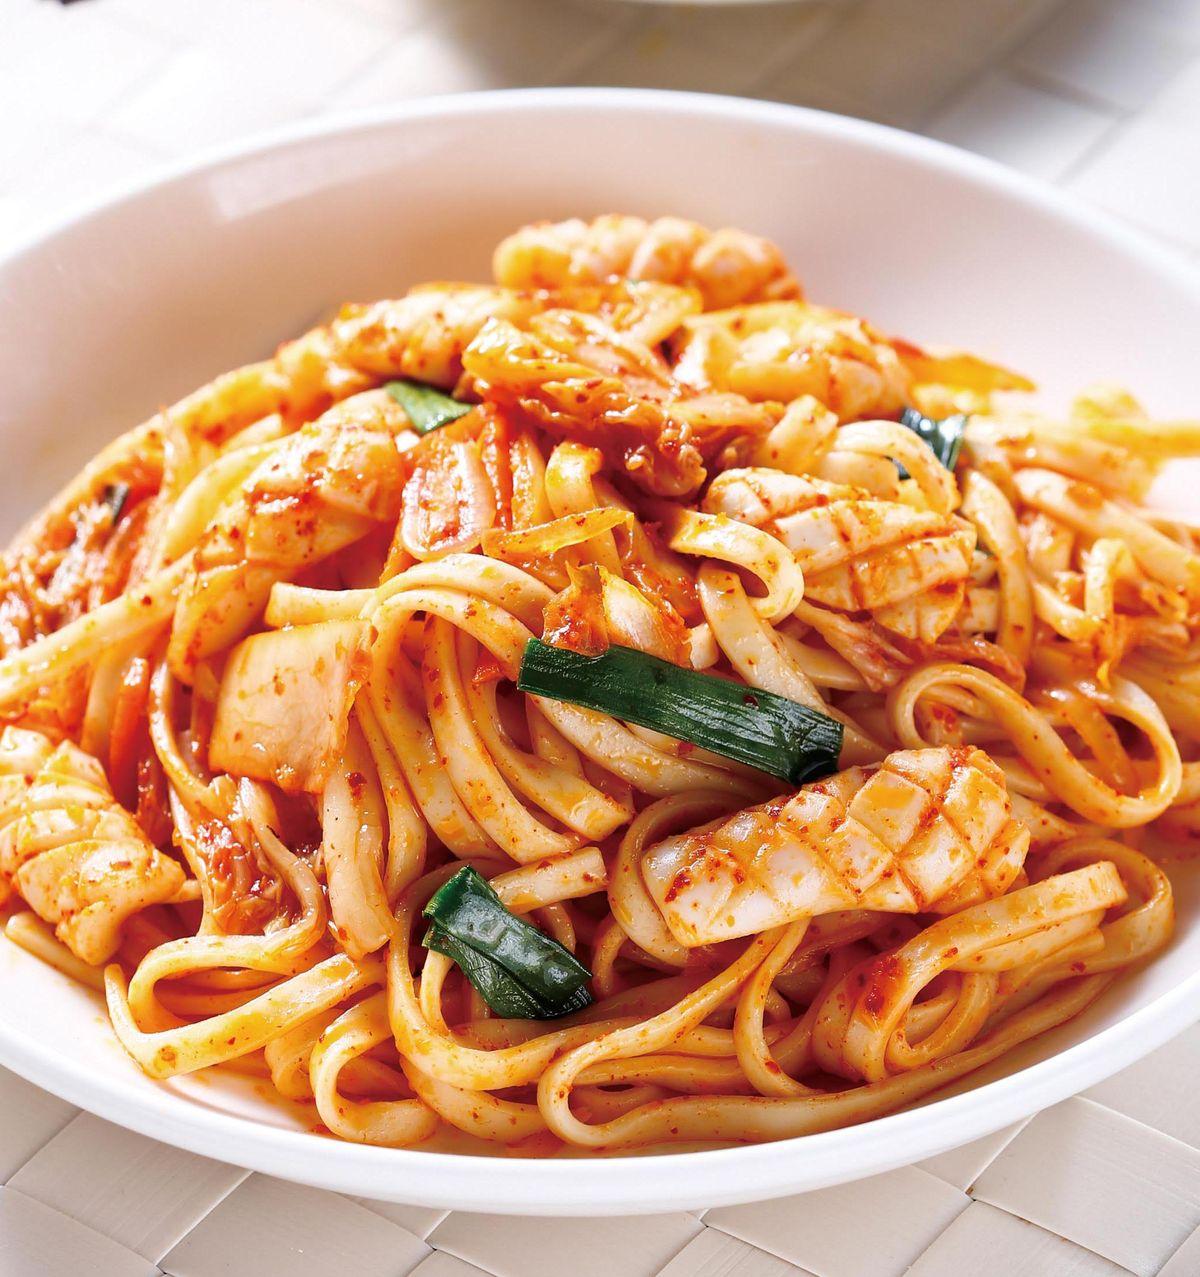 食譜:鮮魷泡菜炒麵